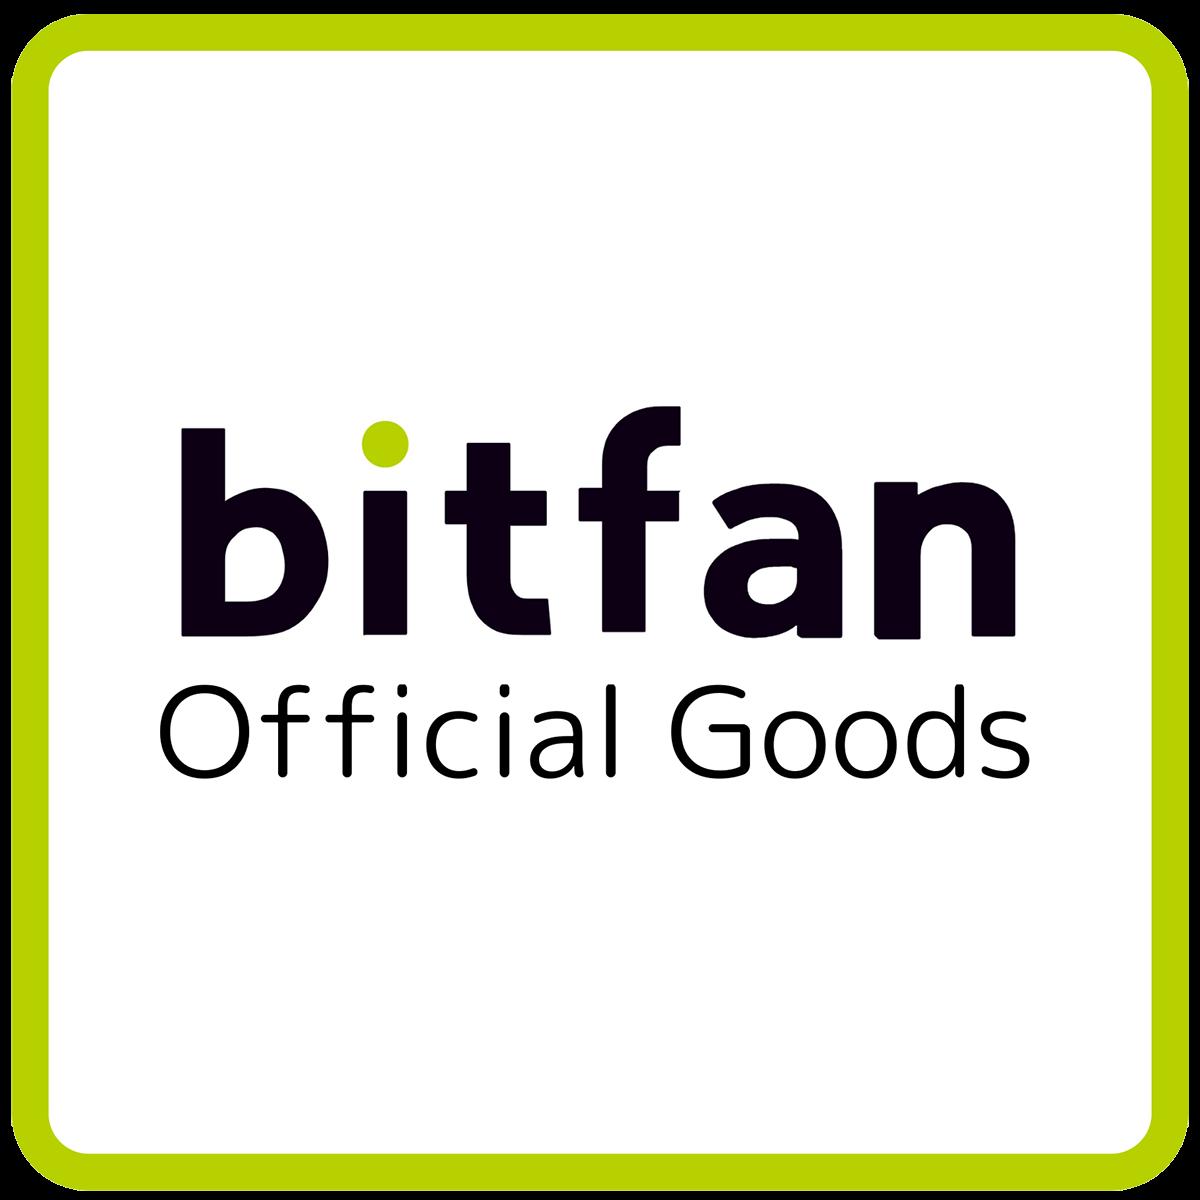 Bitfan Official Goods